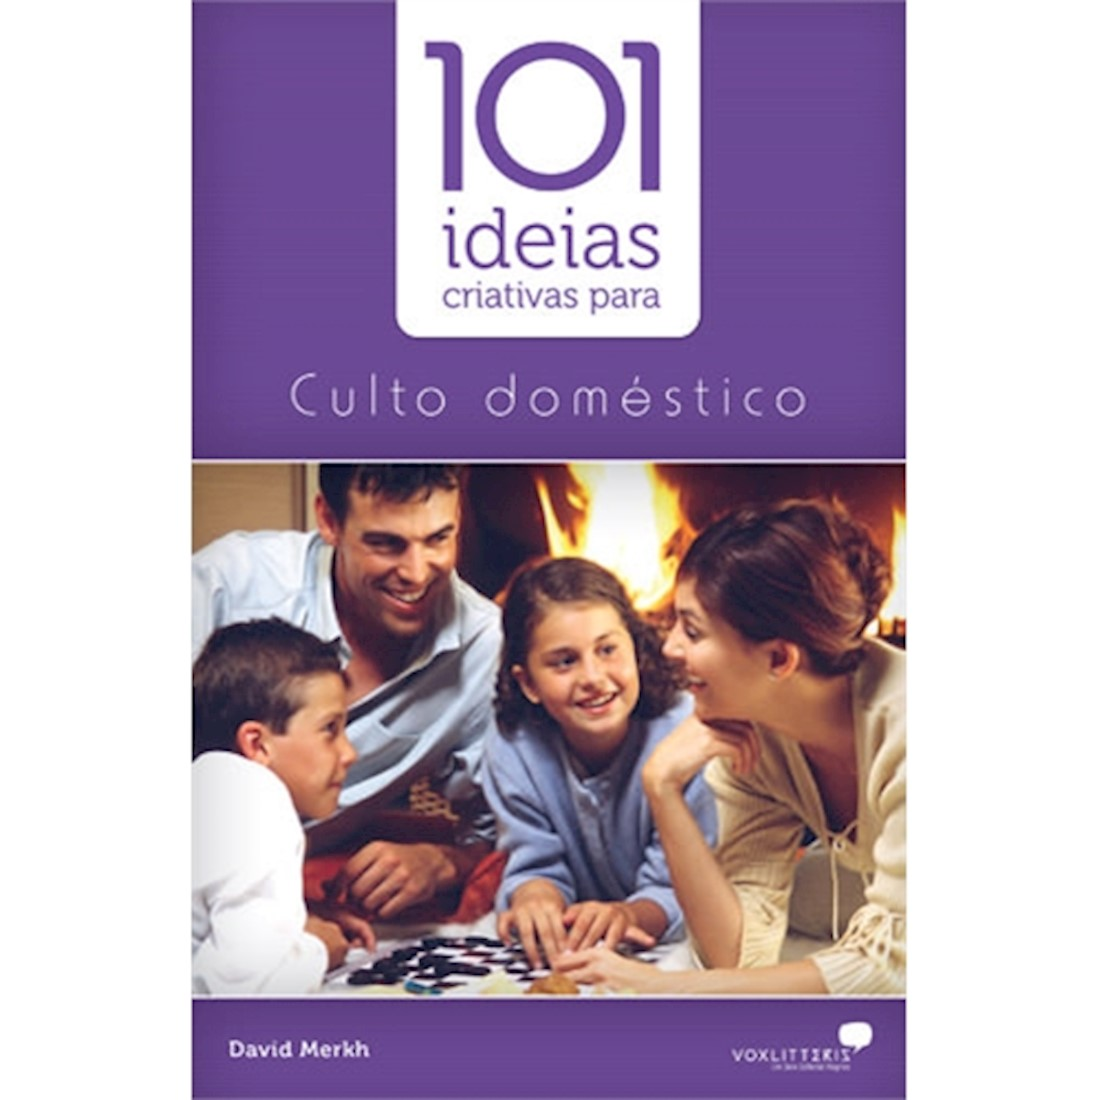 Livro 101 Ideias Criativas para o Culto Doméstico